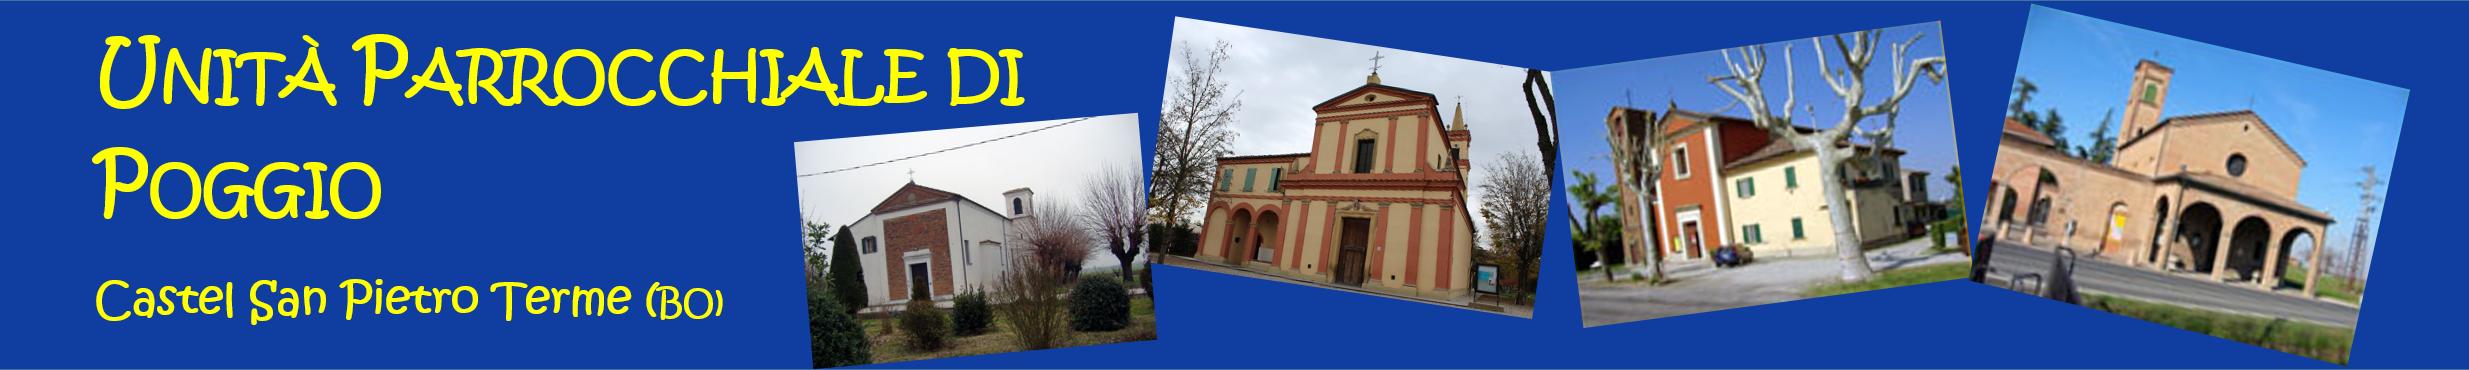 Unità Parrocchiale di Poggio | Castel San Pietro Terme | Bologna